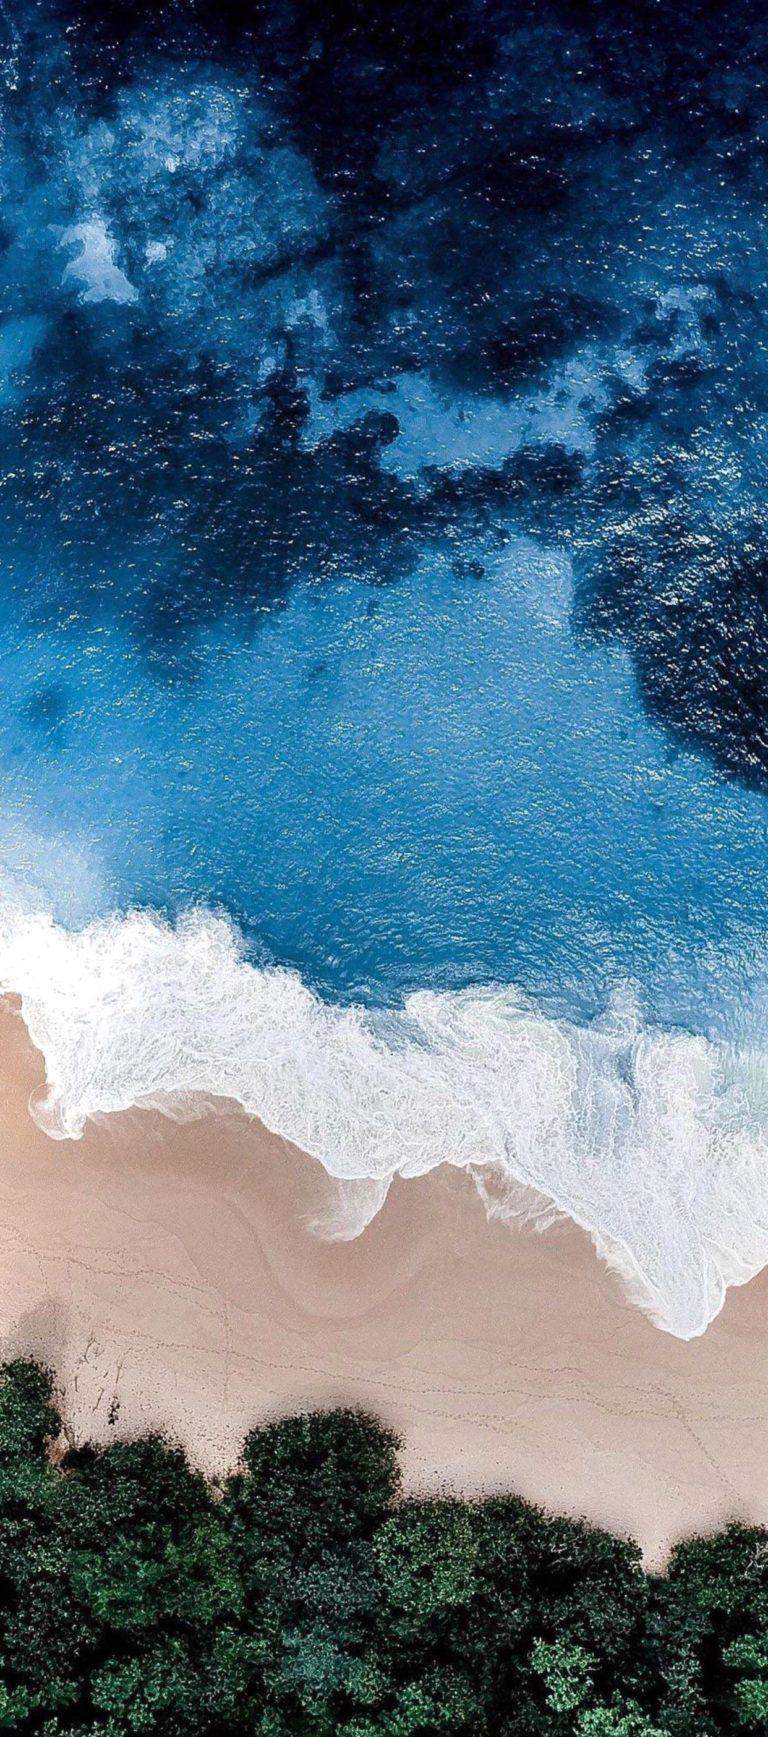 خلفيات ايفون Iphone Xr Xs Wallpaper Hd Tecnologis Latar Belakang Pemandangan Fotografi Alam